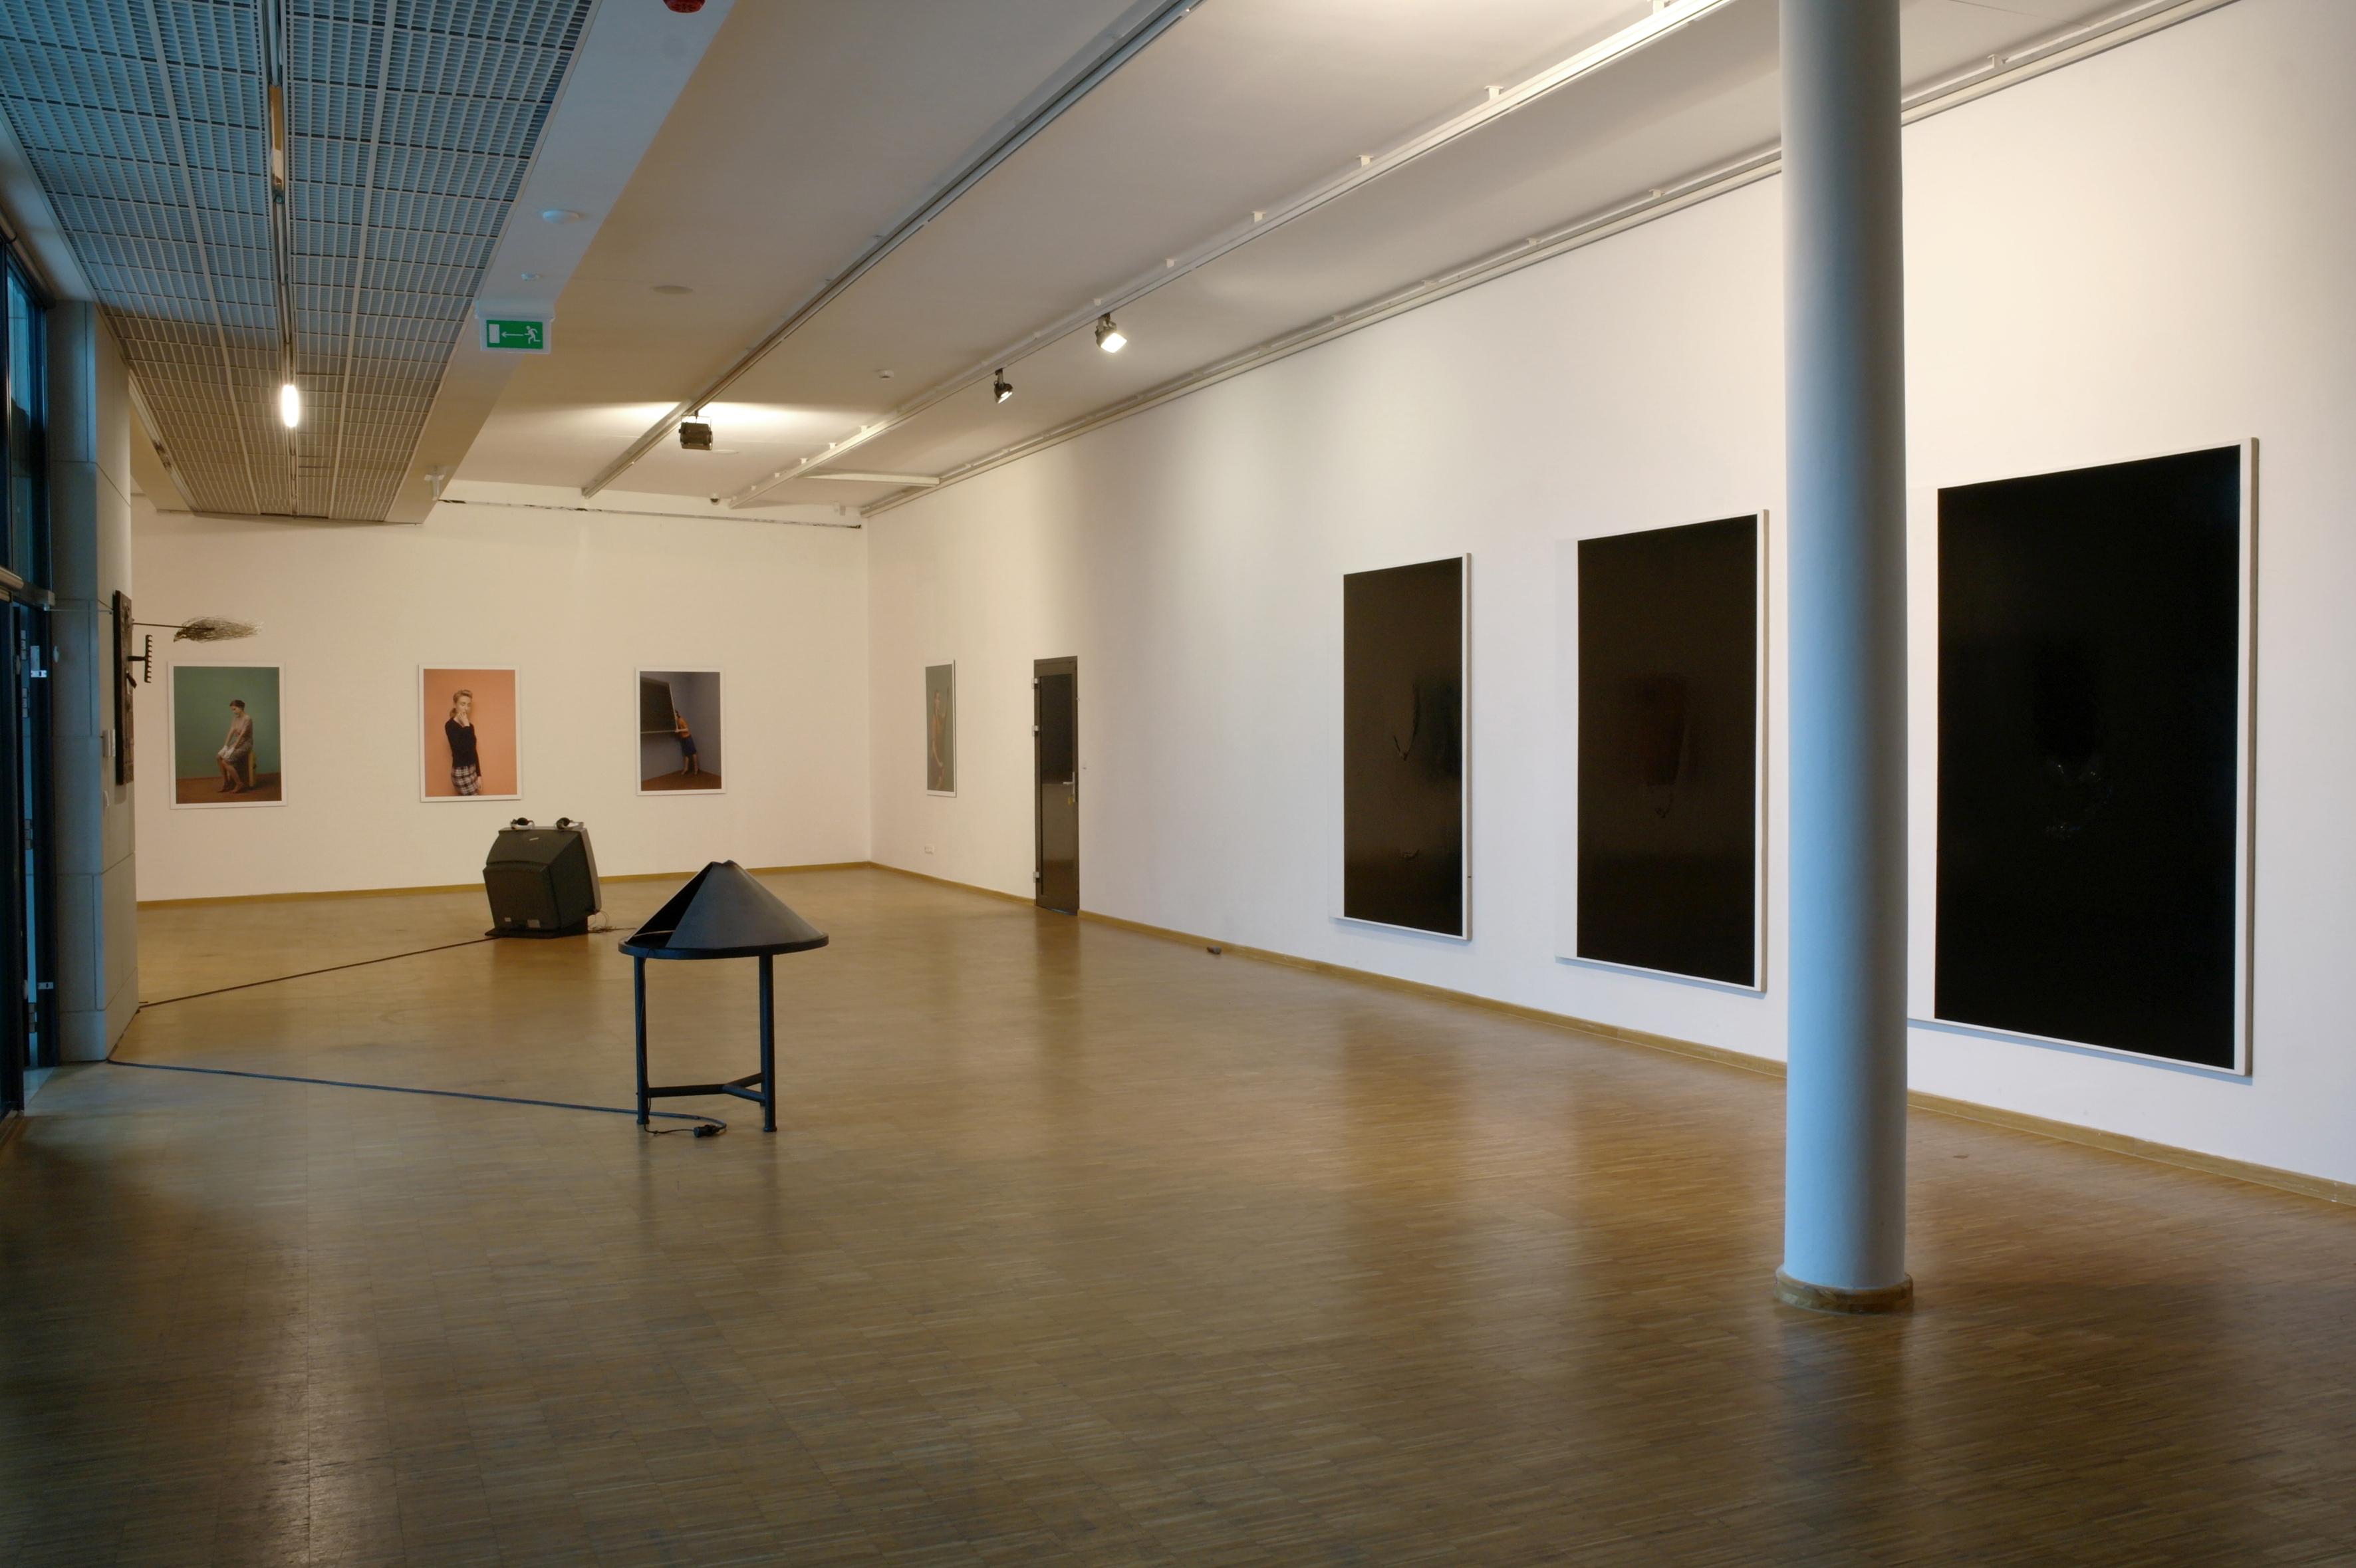 Widok ogólny wystawy, Ipiętro, fot.T. Baran